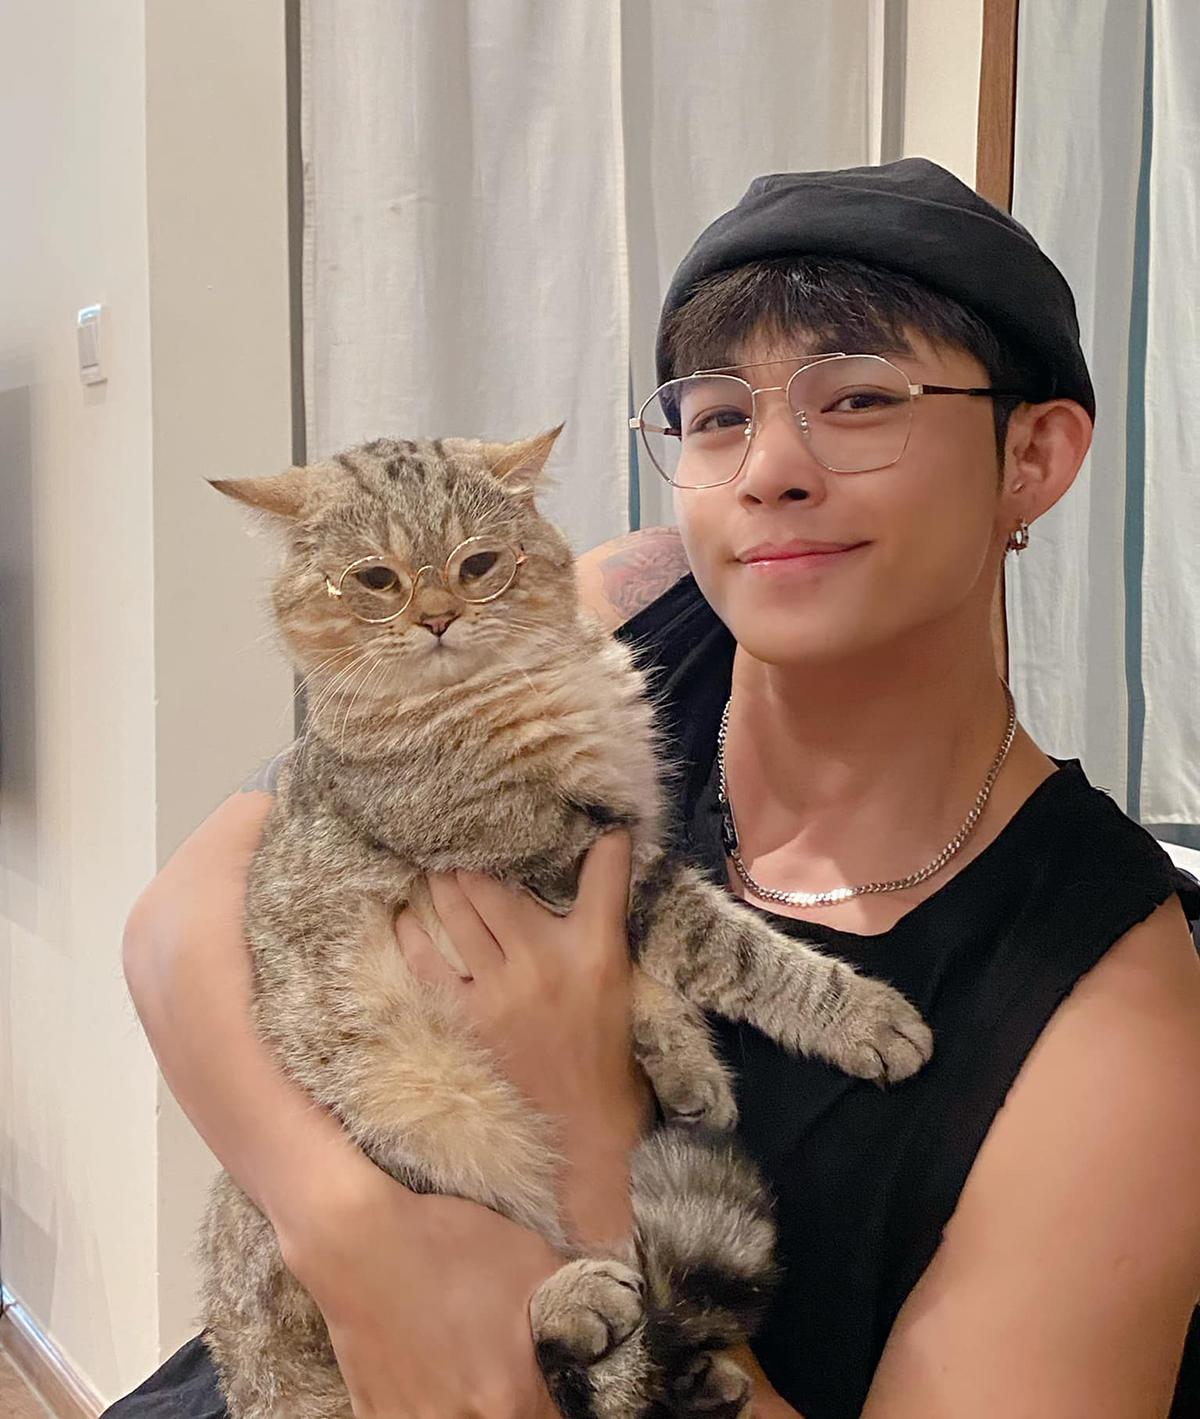 Jun Phạm sắm cho mèo cưng chiếc kính đôi giống hệt hai bố con.